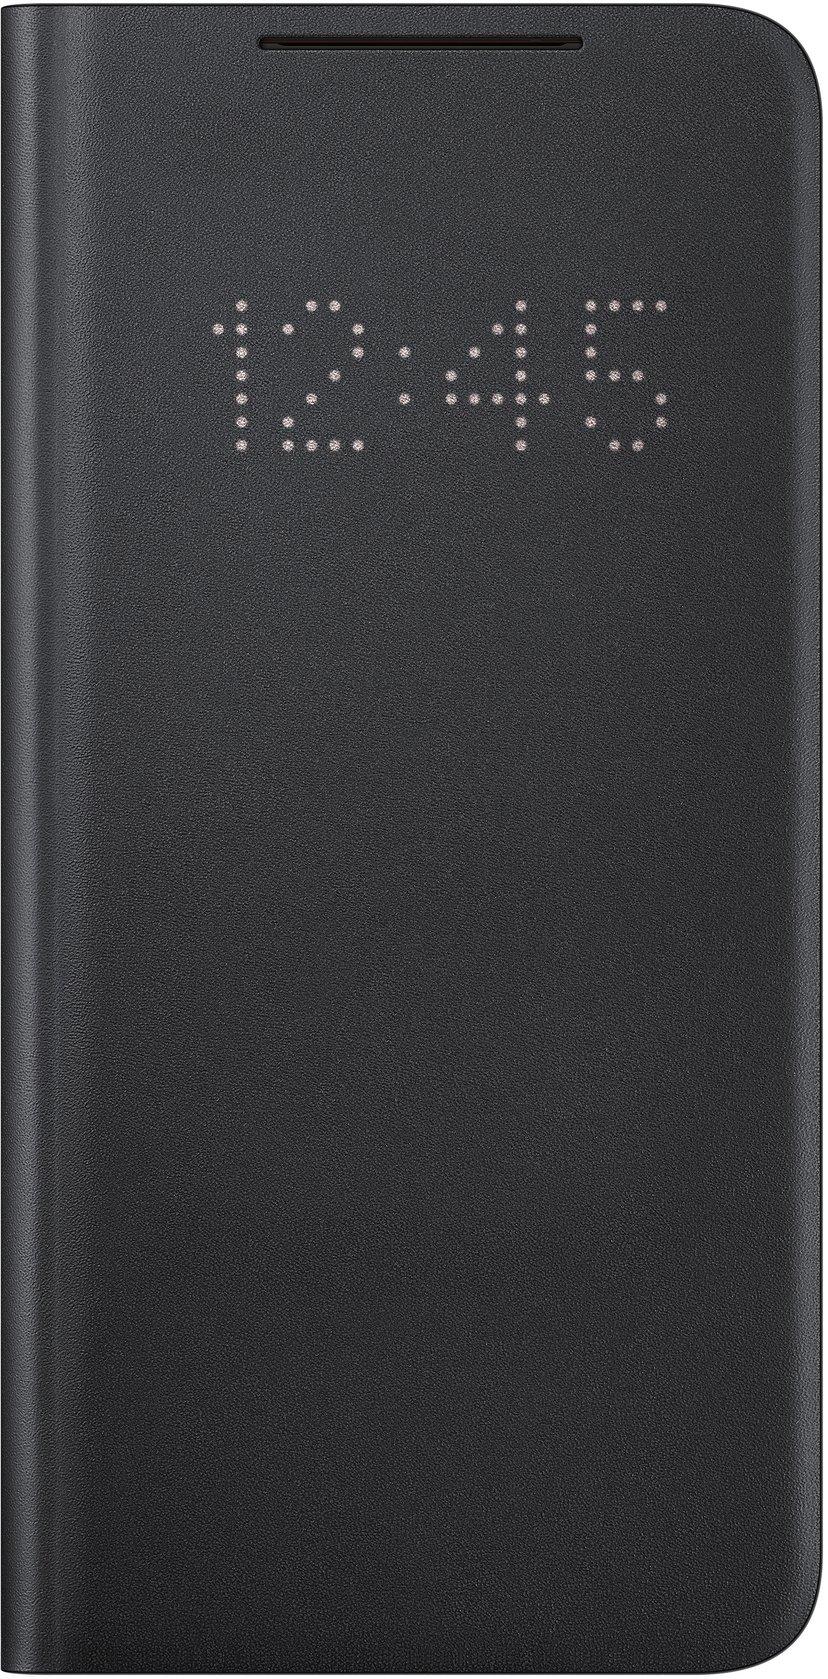 Samsung Smart LED View Cover EF-NG991 Samsung Galaxy S21 Sort